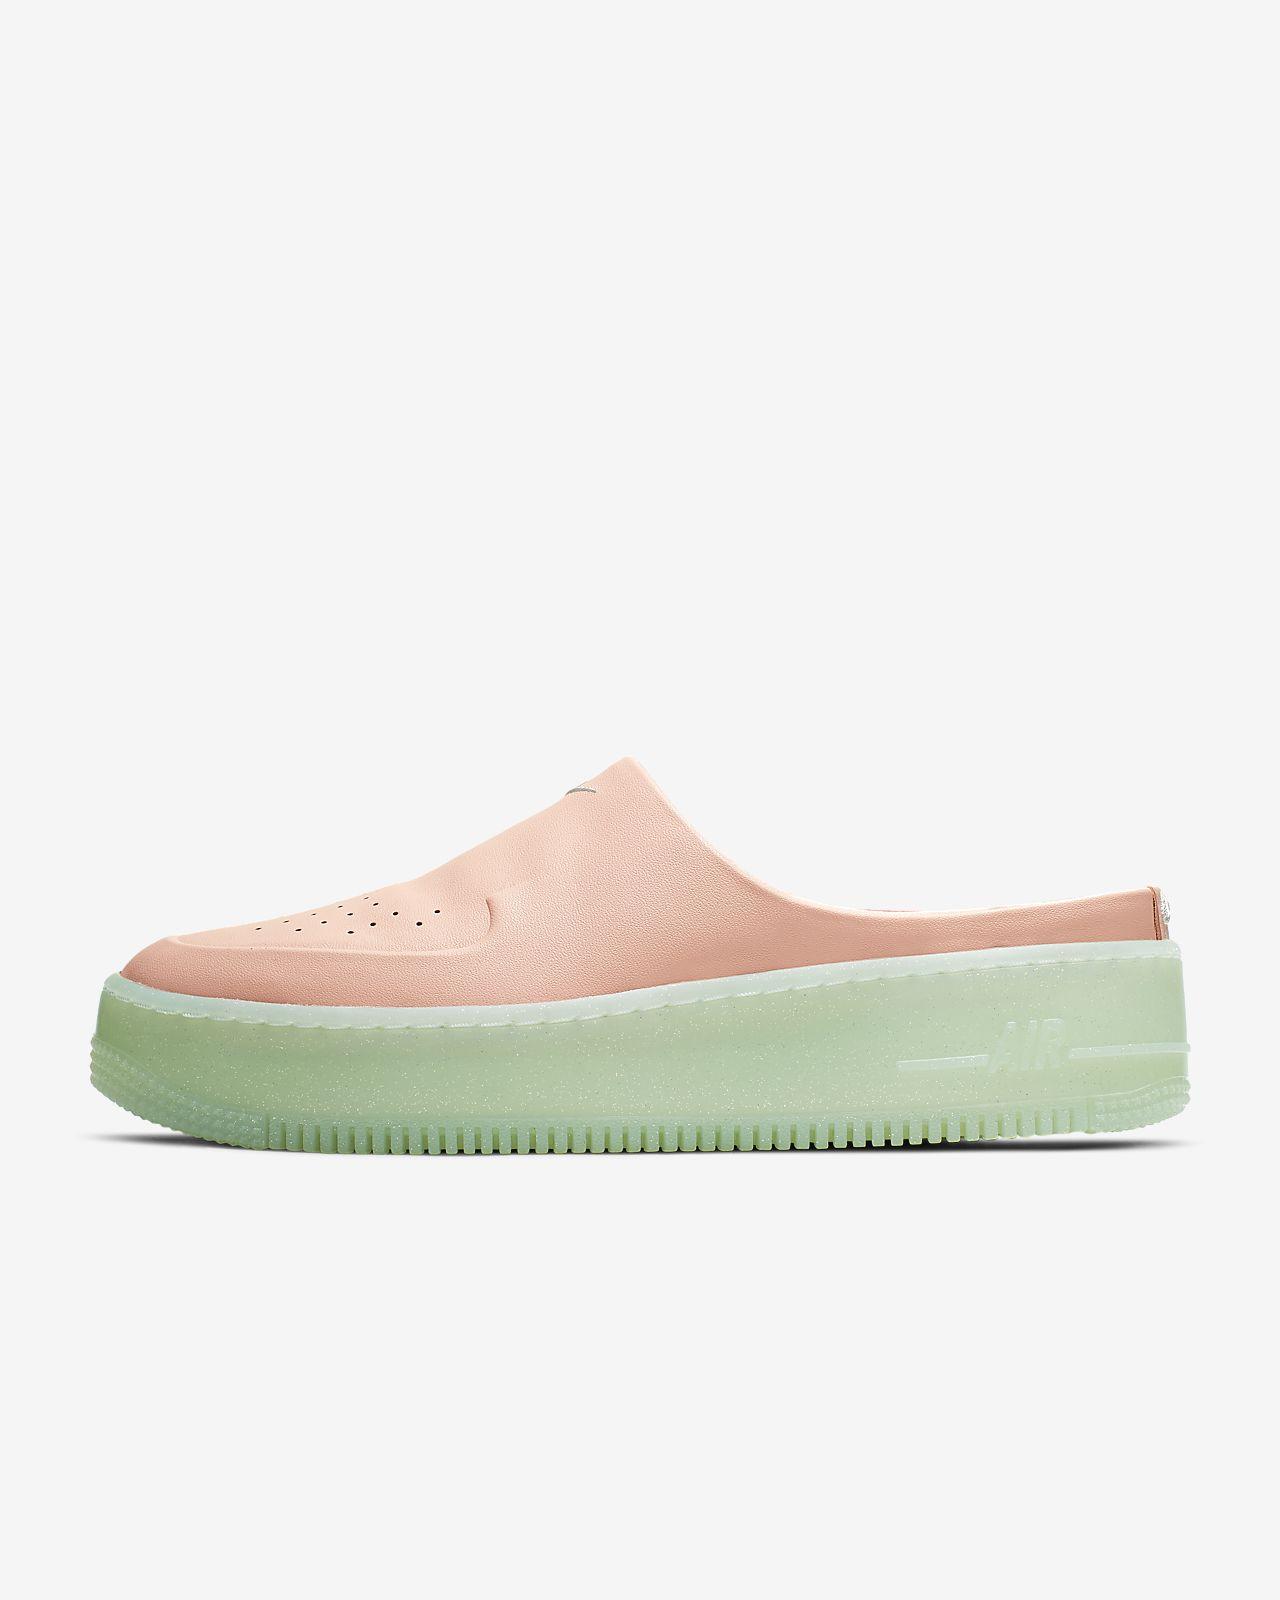 Nike AF1 Lover XX女子运动鞋